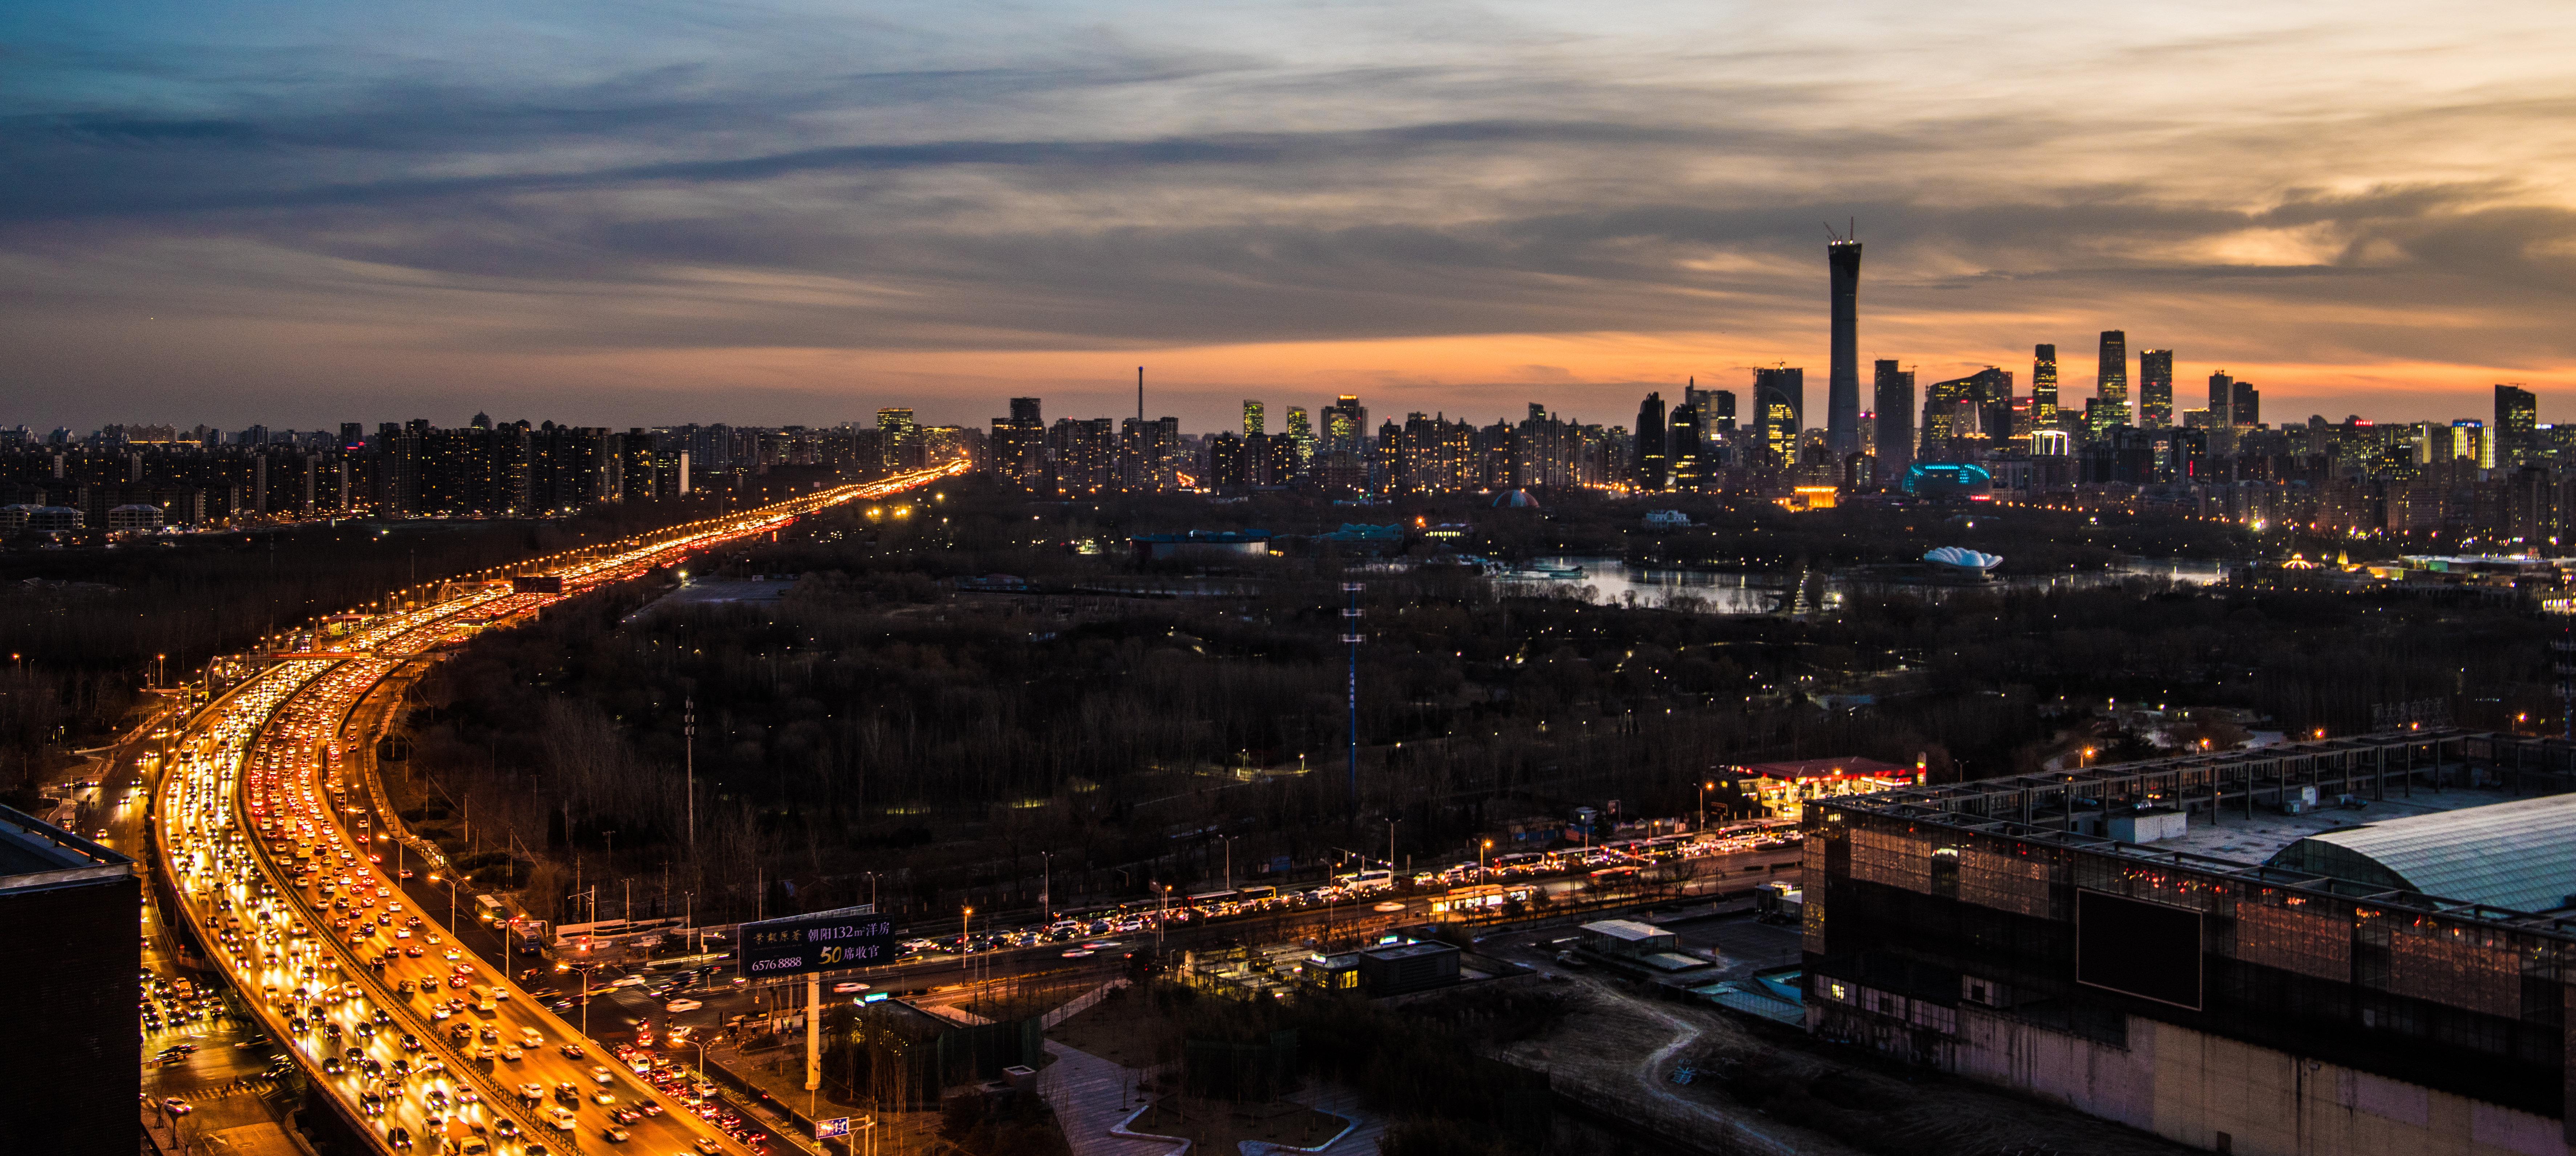 北京三年內要建全球知名「夜京城」   季節性與安全問題需解決